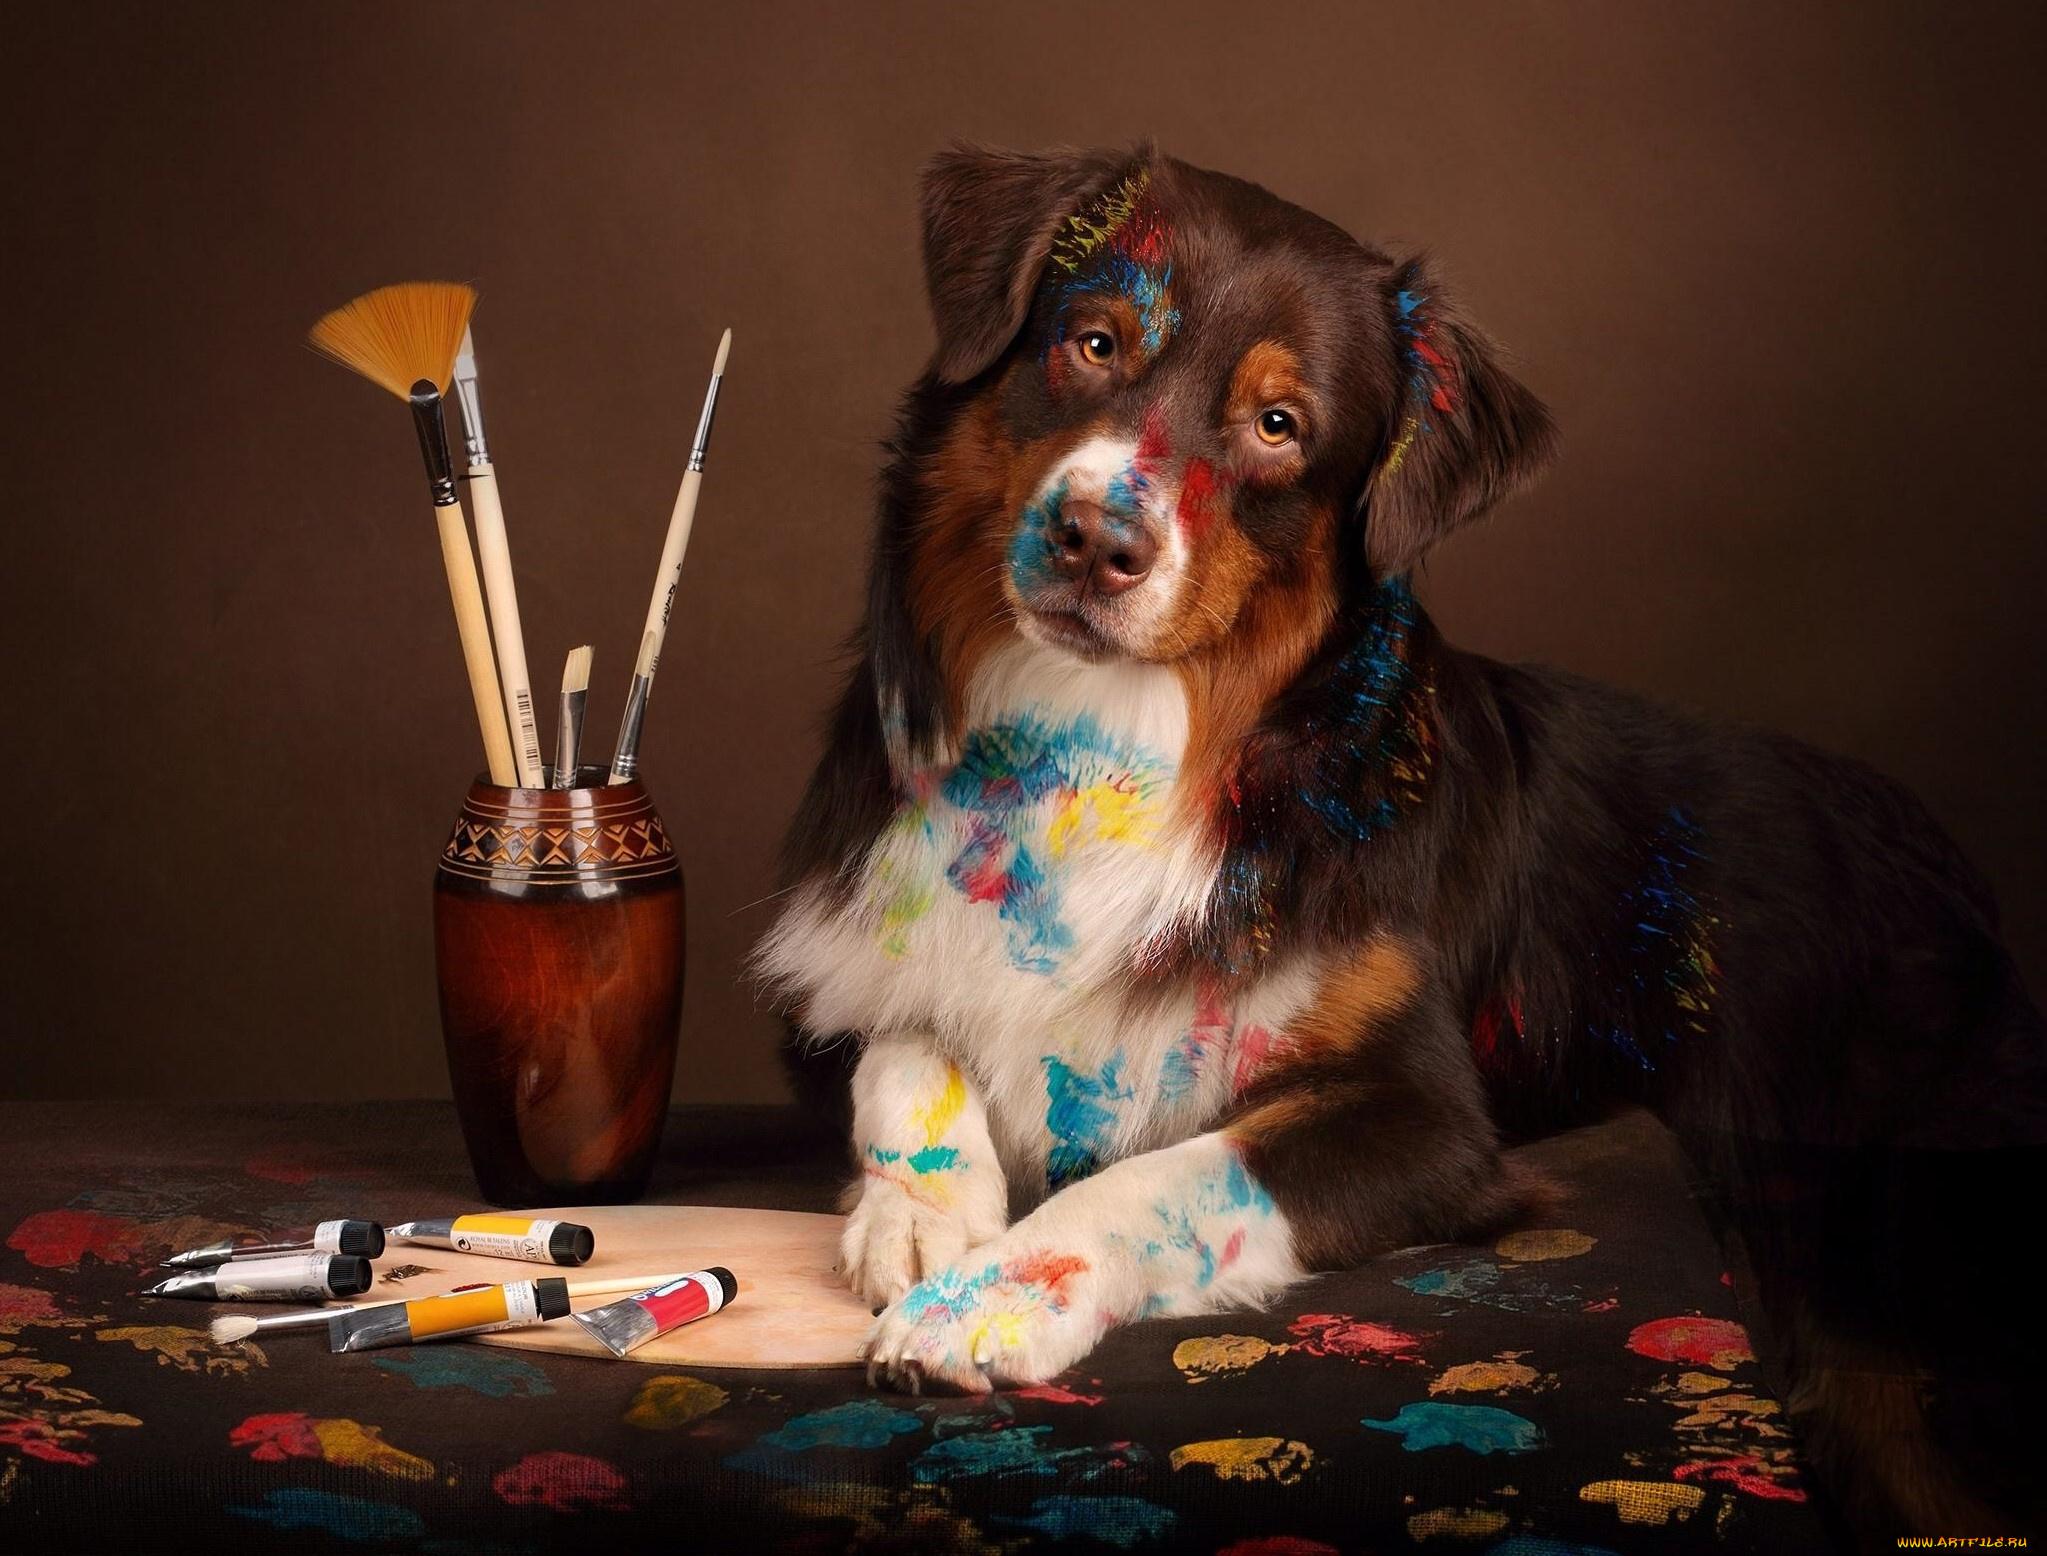 подкаминская картинка собака с микрофоном самостоятельно весь